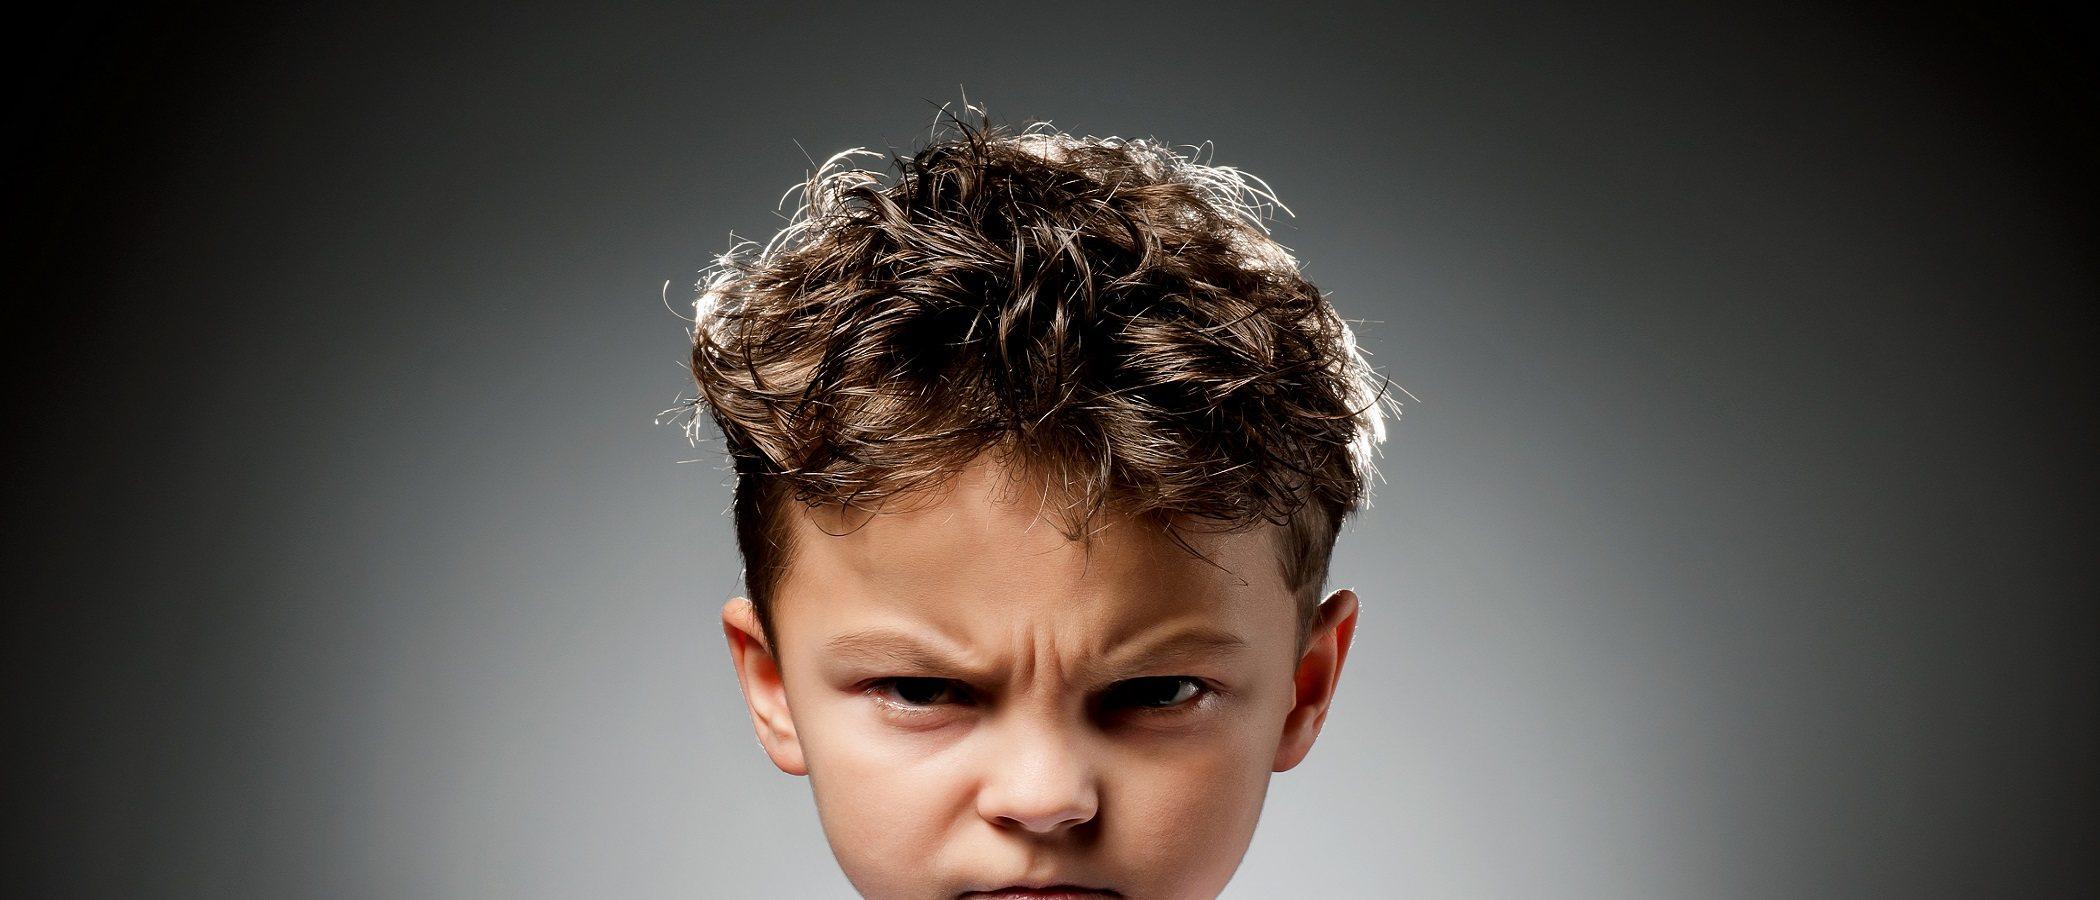 Cómo ayudar a los niños a controlar sus comportamientos negativos